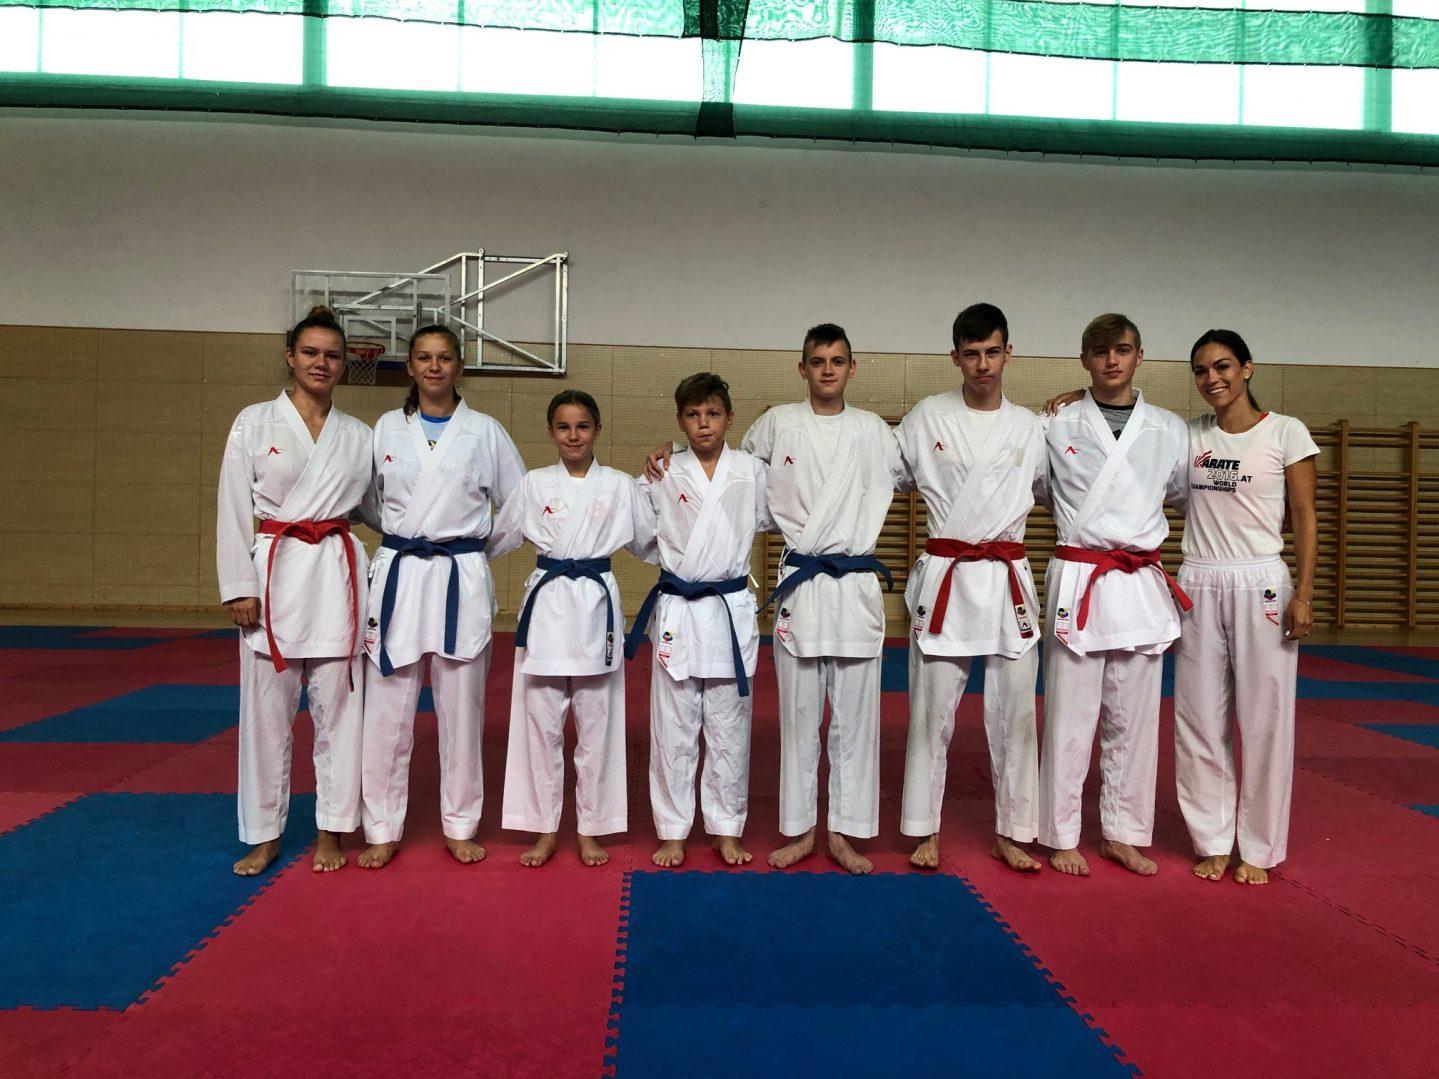 hrvatska karate reprezentacija 6